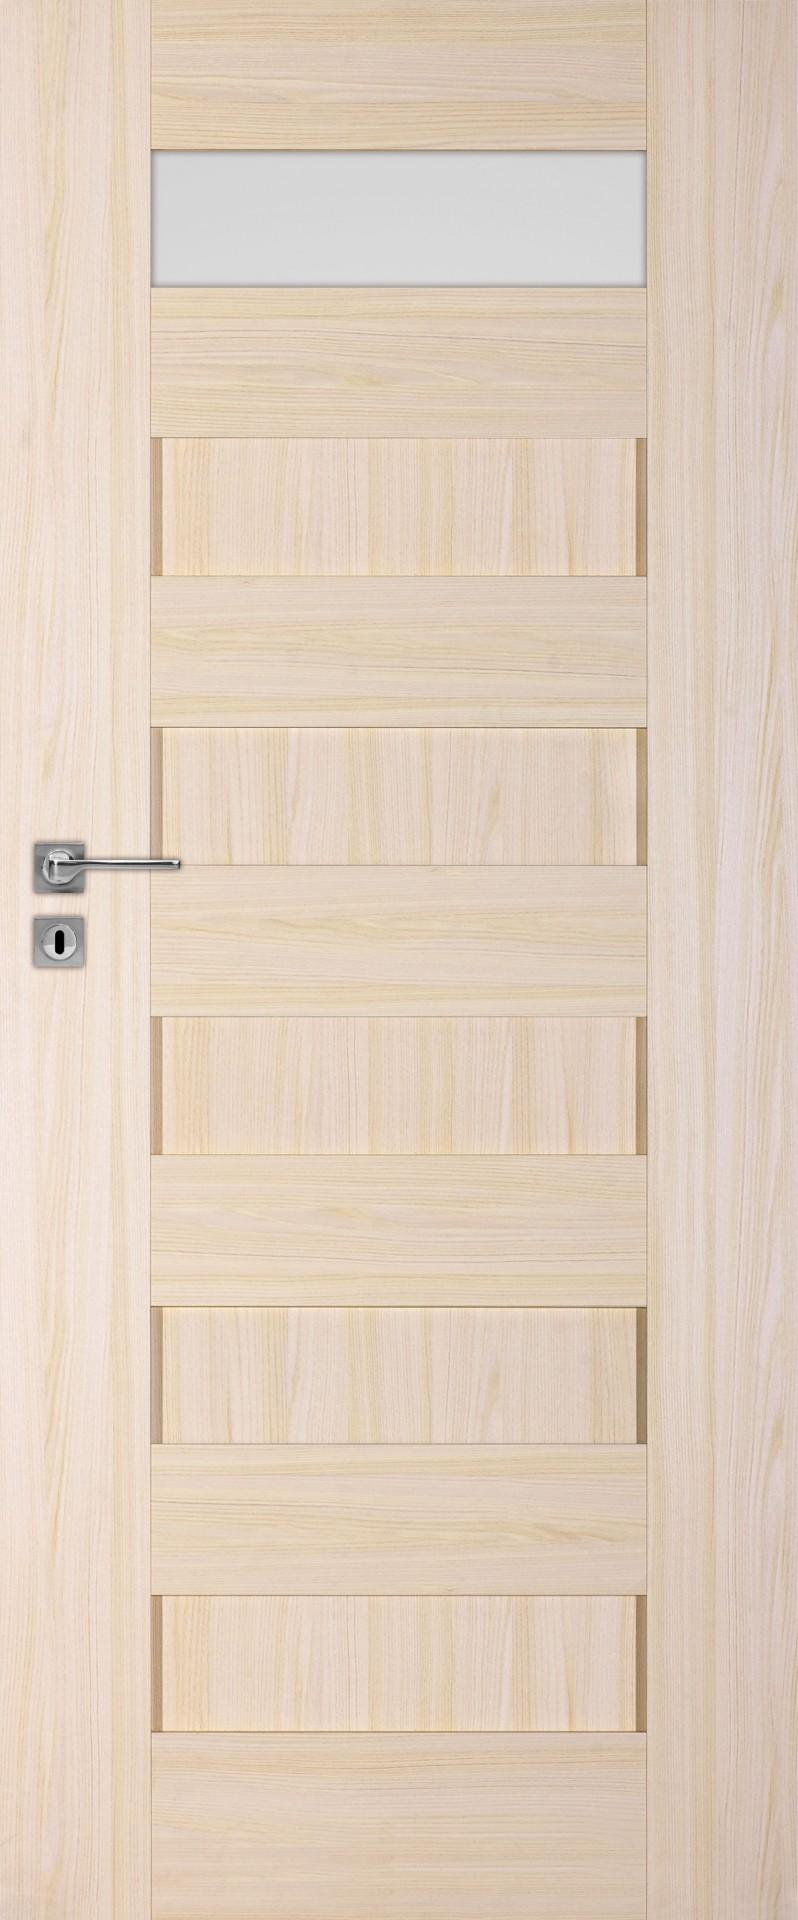 Dre dveře SCALA A1, Šíře v cm 60